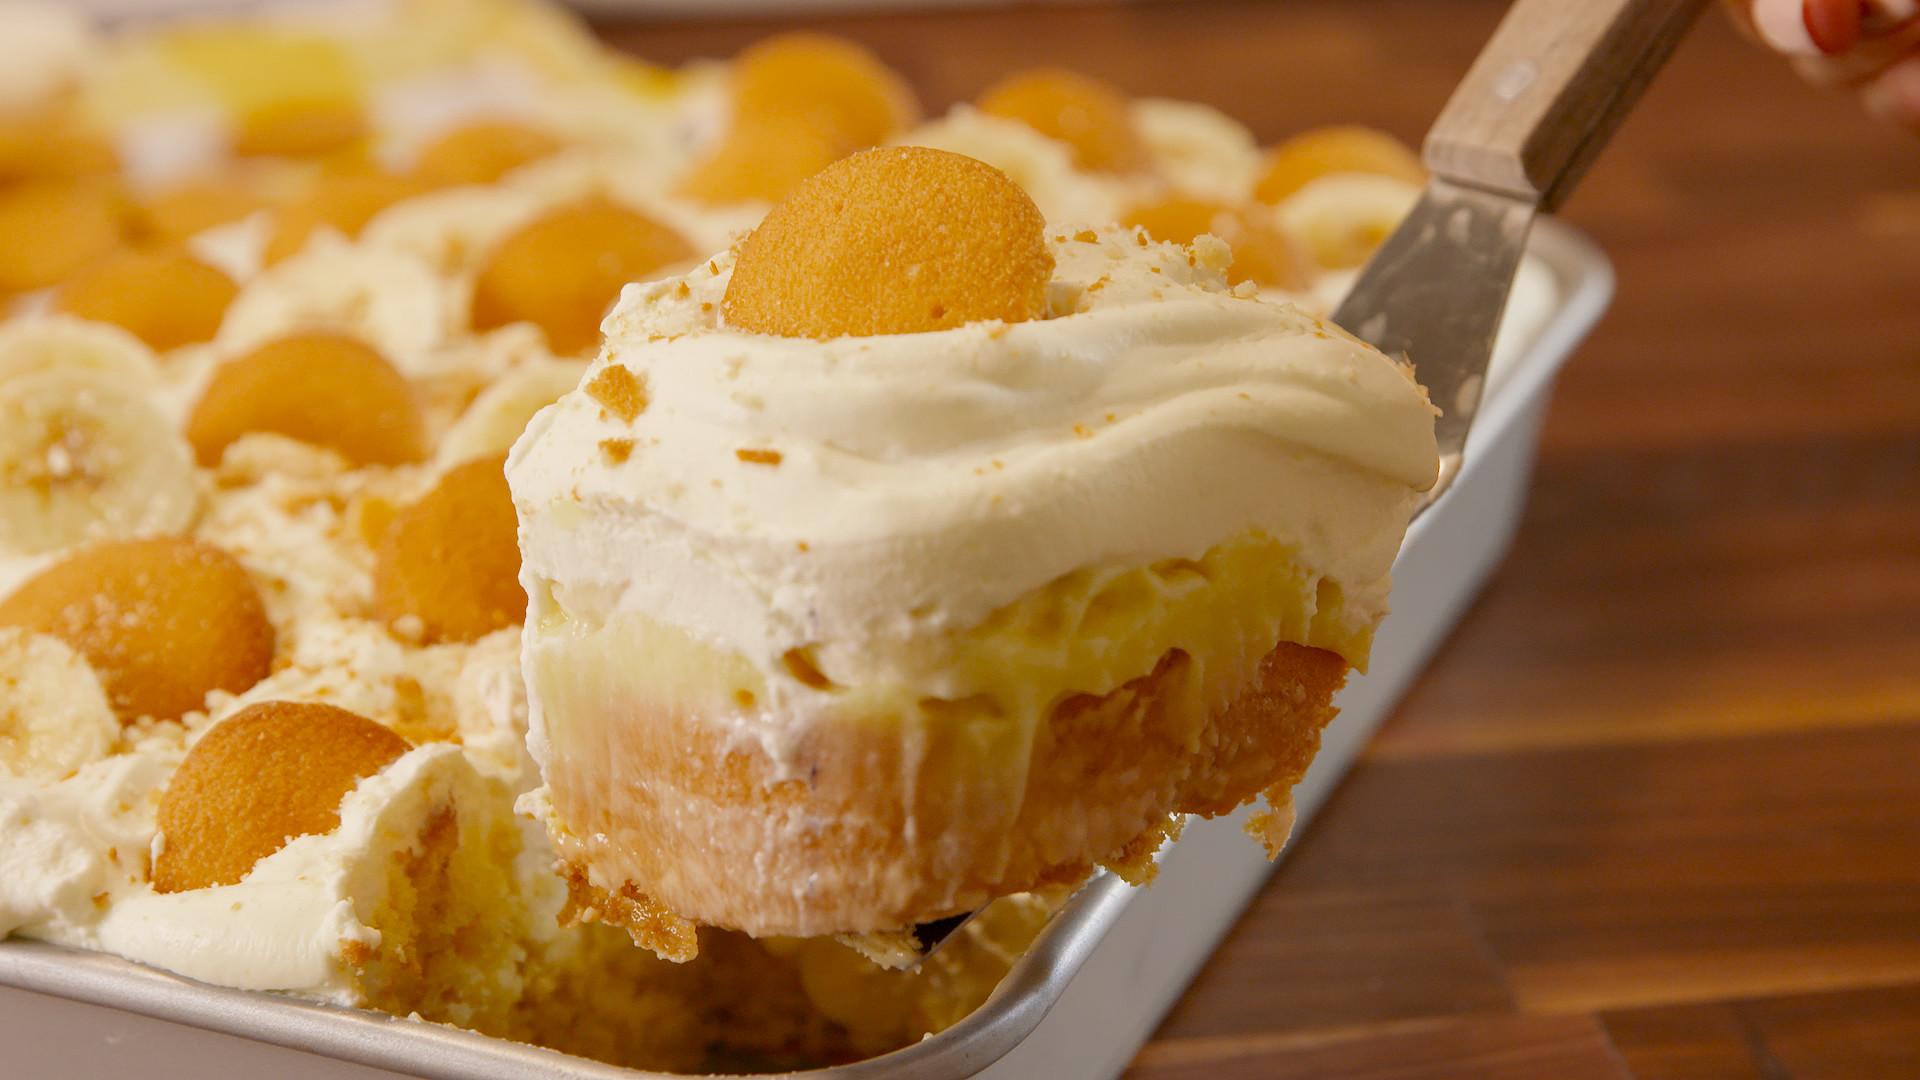 Easy Dessert Ideas  70 Easy Dessert Recipes – Ideas for Easiest Homemade